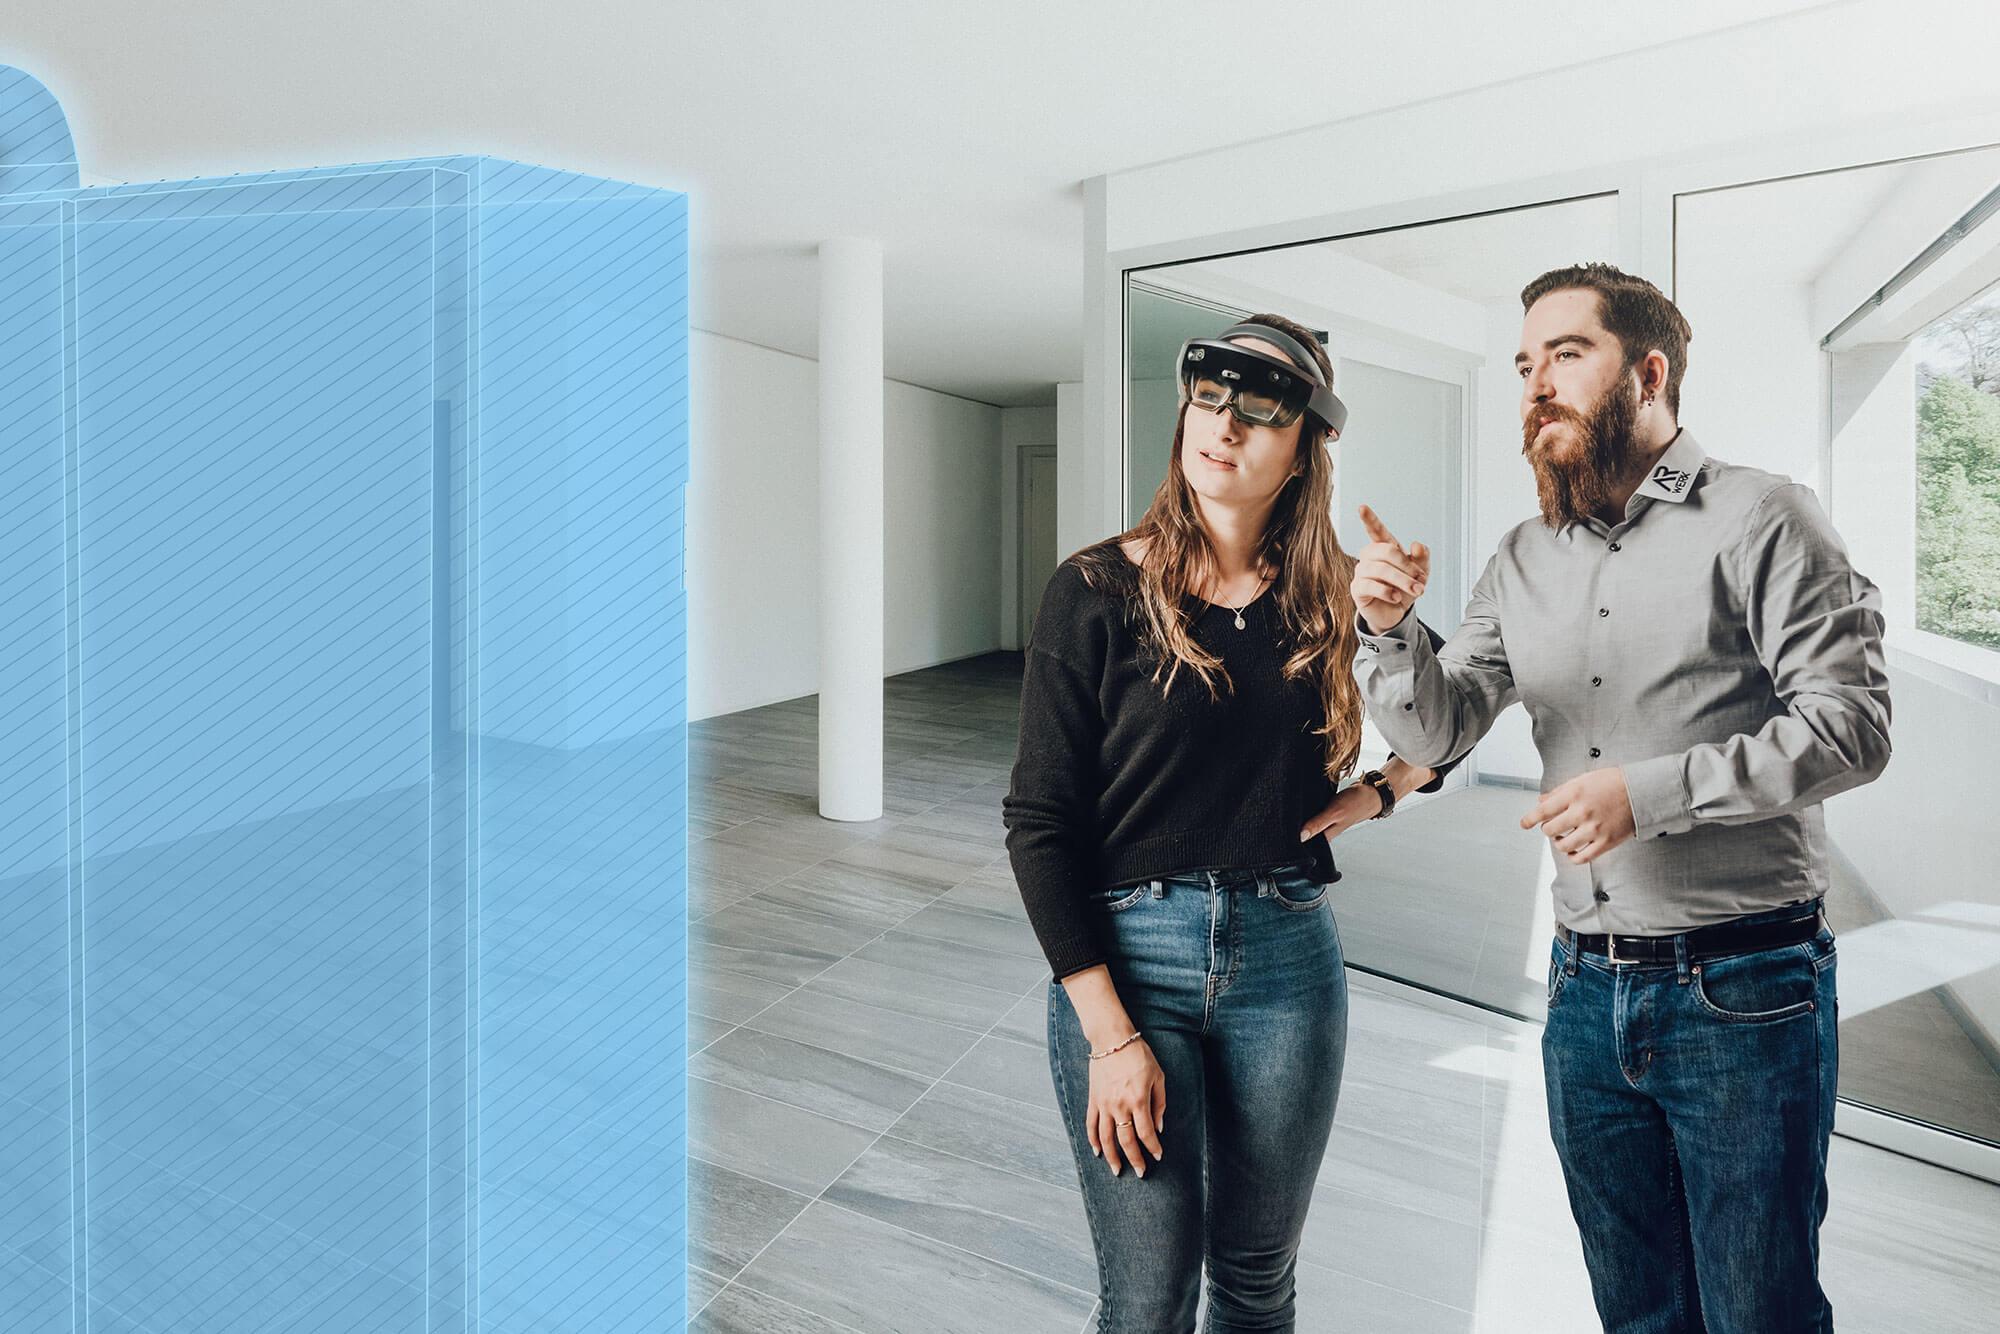 Projekterfasser präsentiert der Kundin das virtuell geplante System